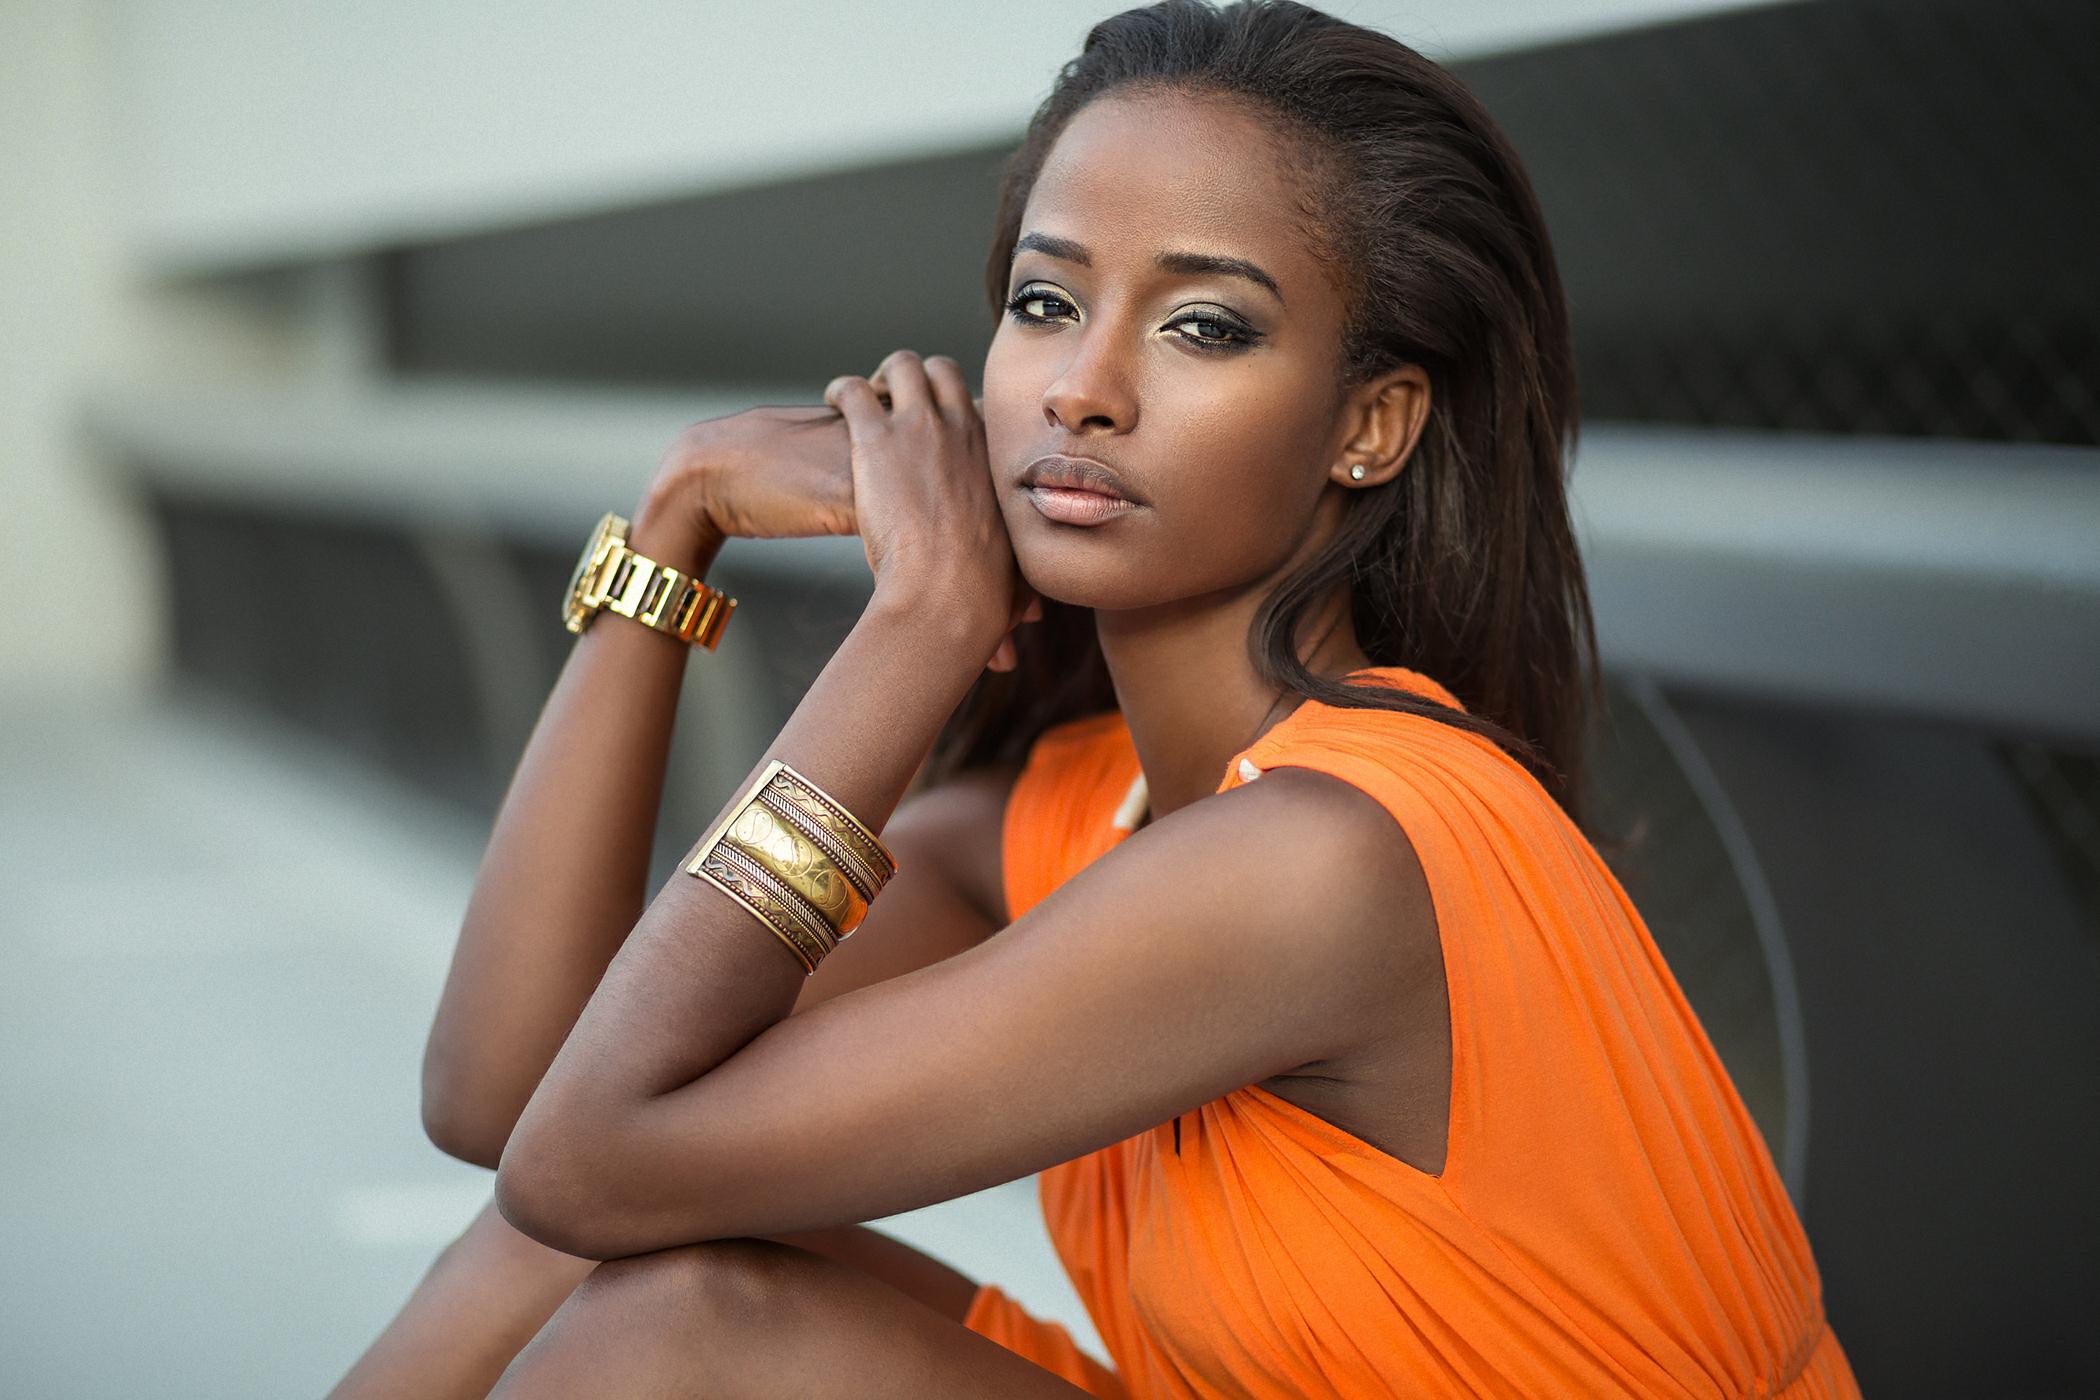 Негритянки сургута девушки фото — img 4